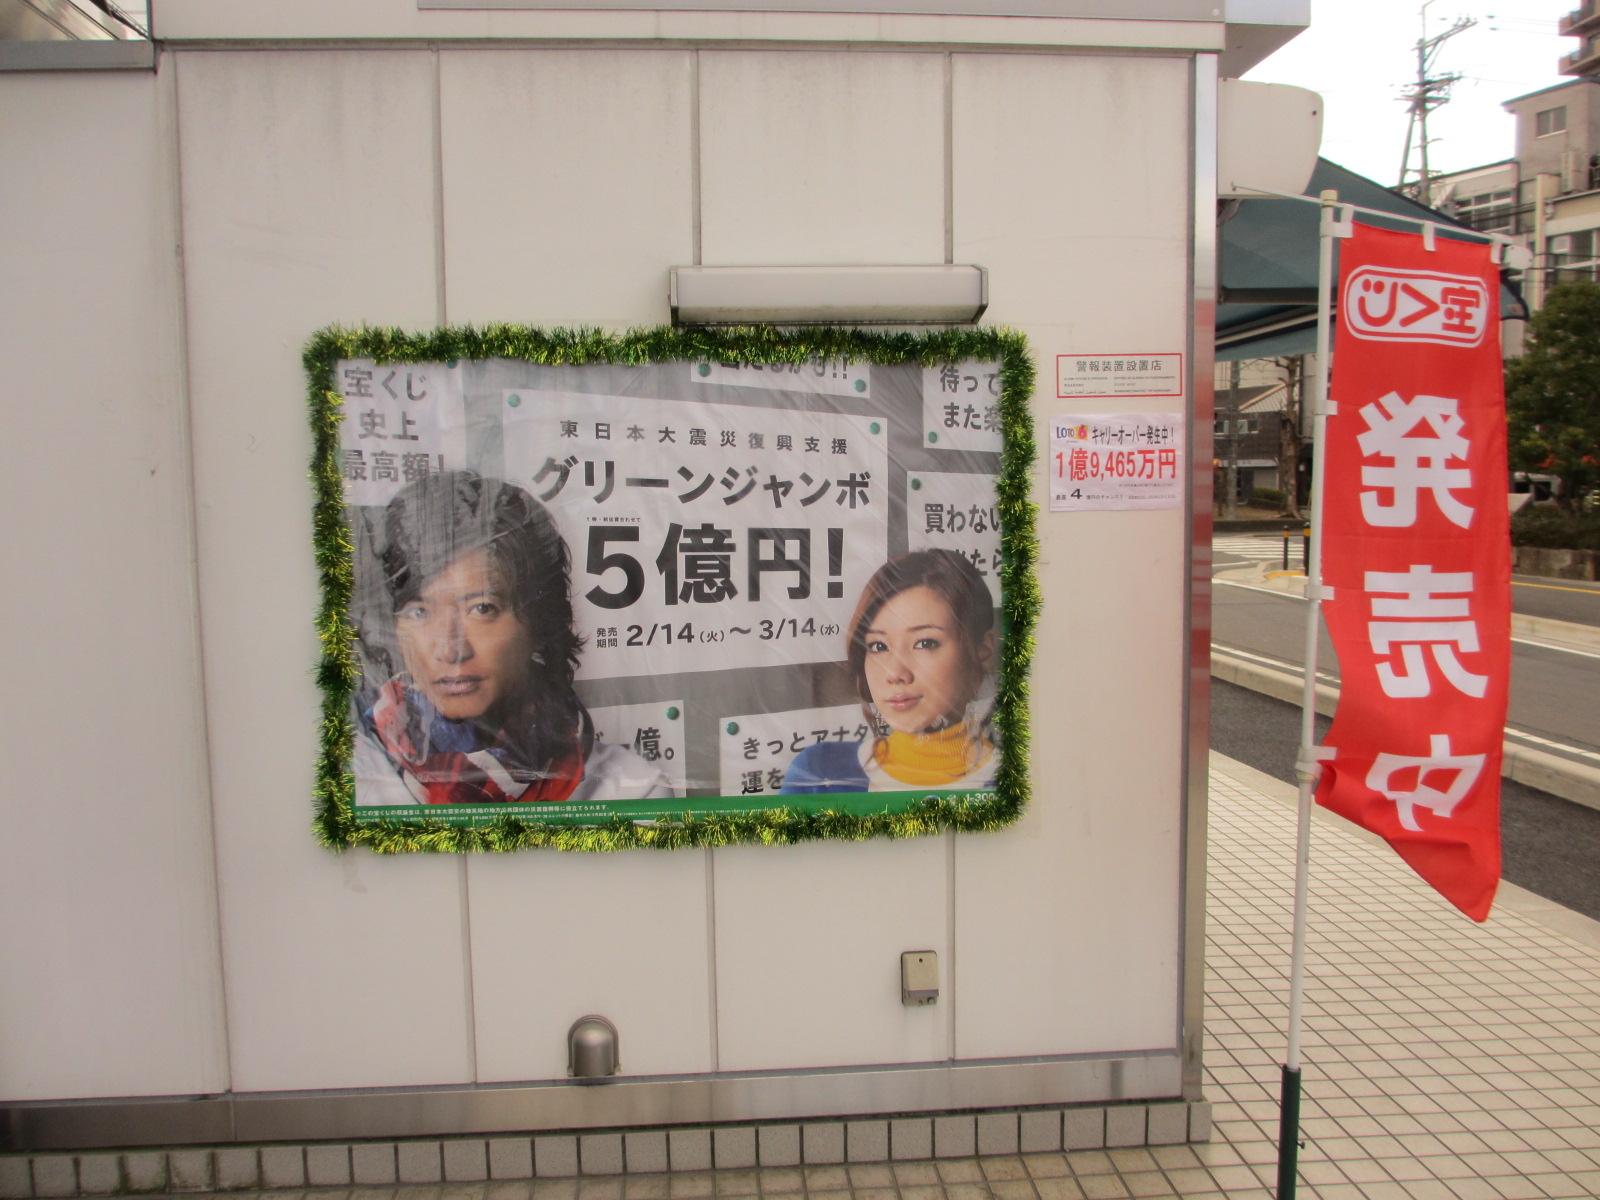 5億円_e0150006_16384387.jpg